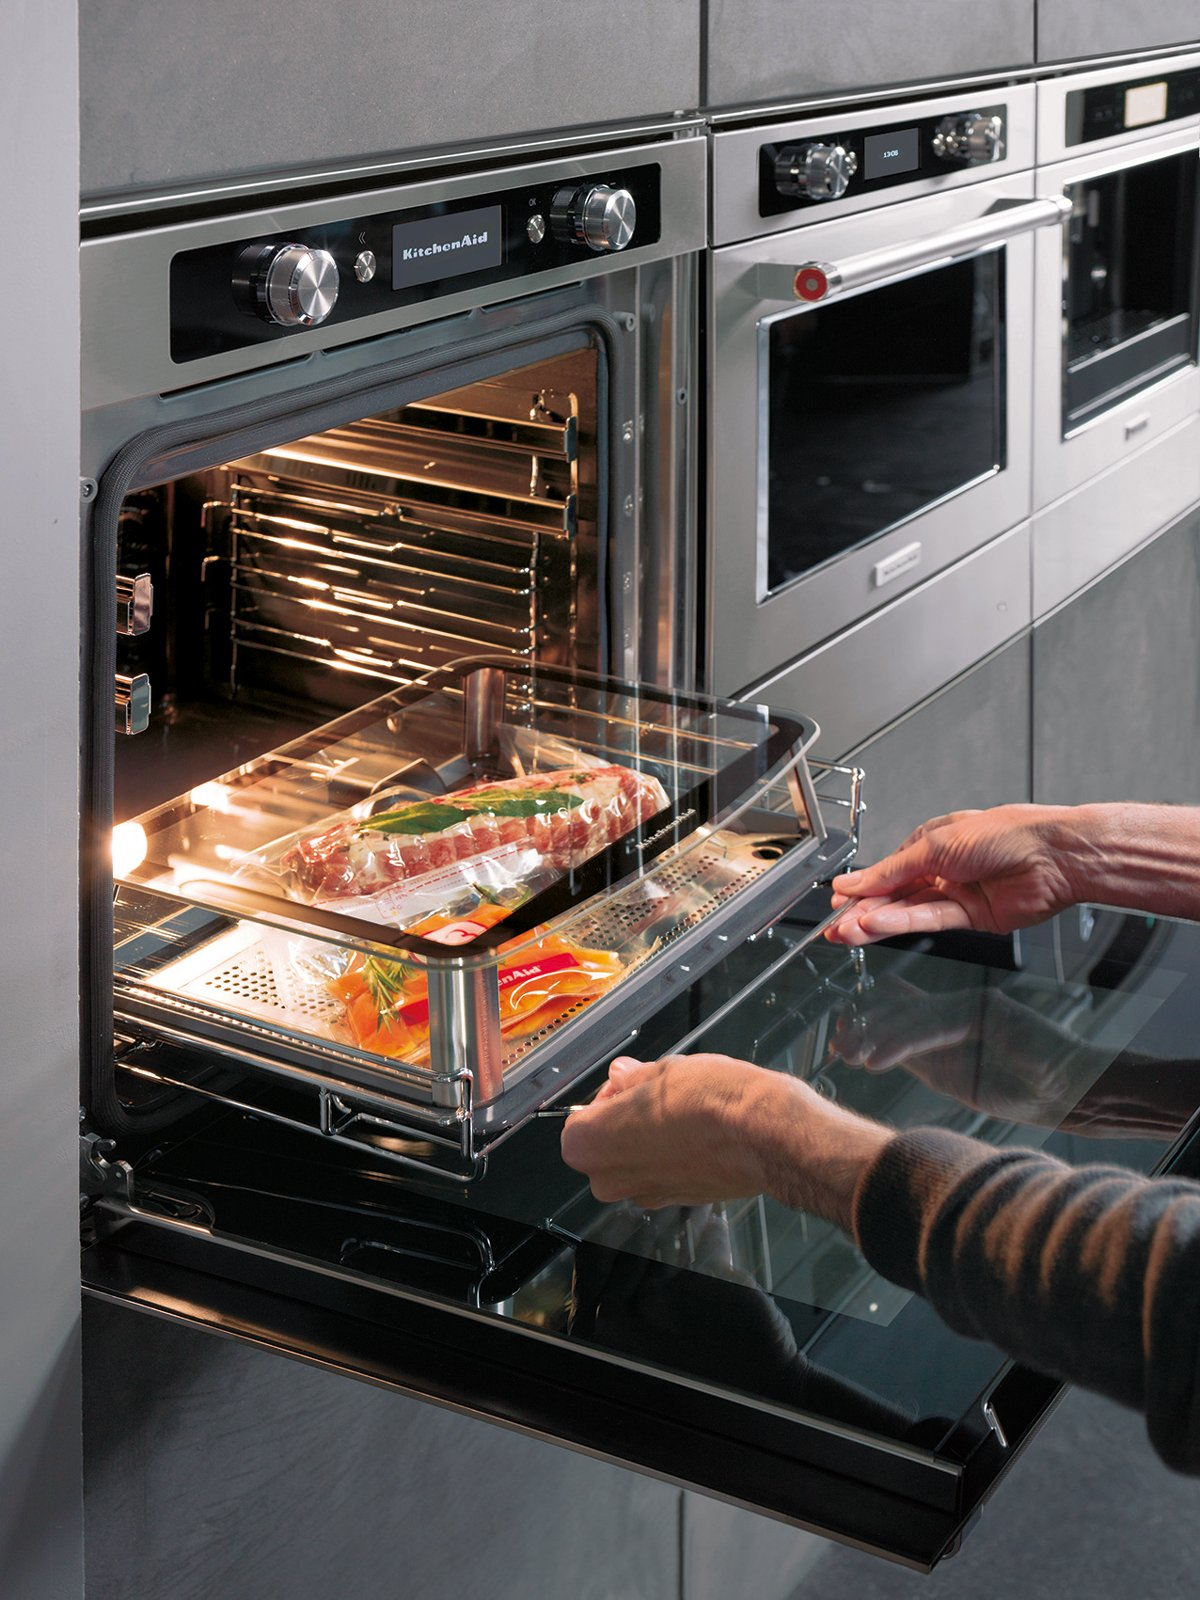 elettrodomestici per cucinare a vapore - cose di casa - Cucina Vapore